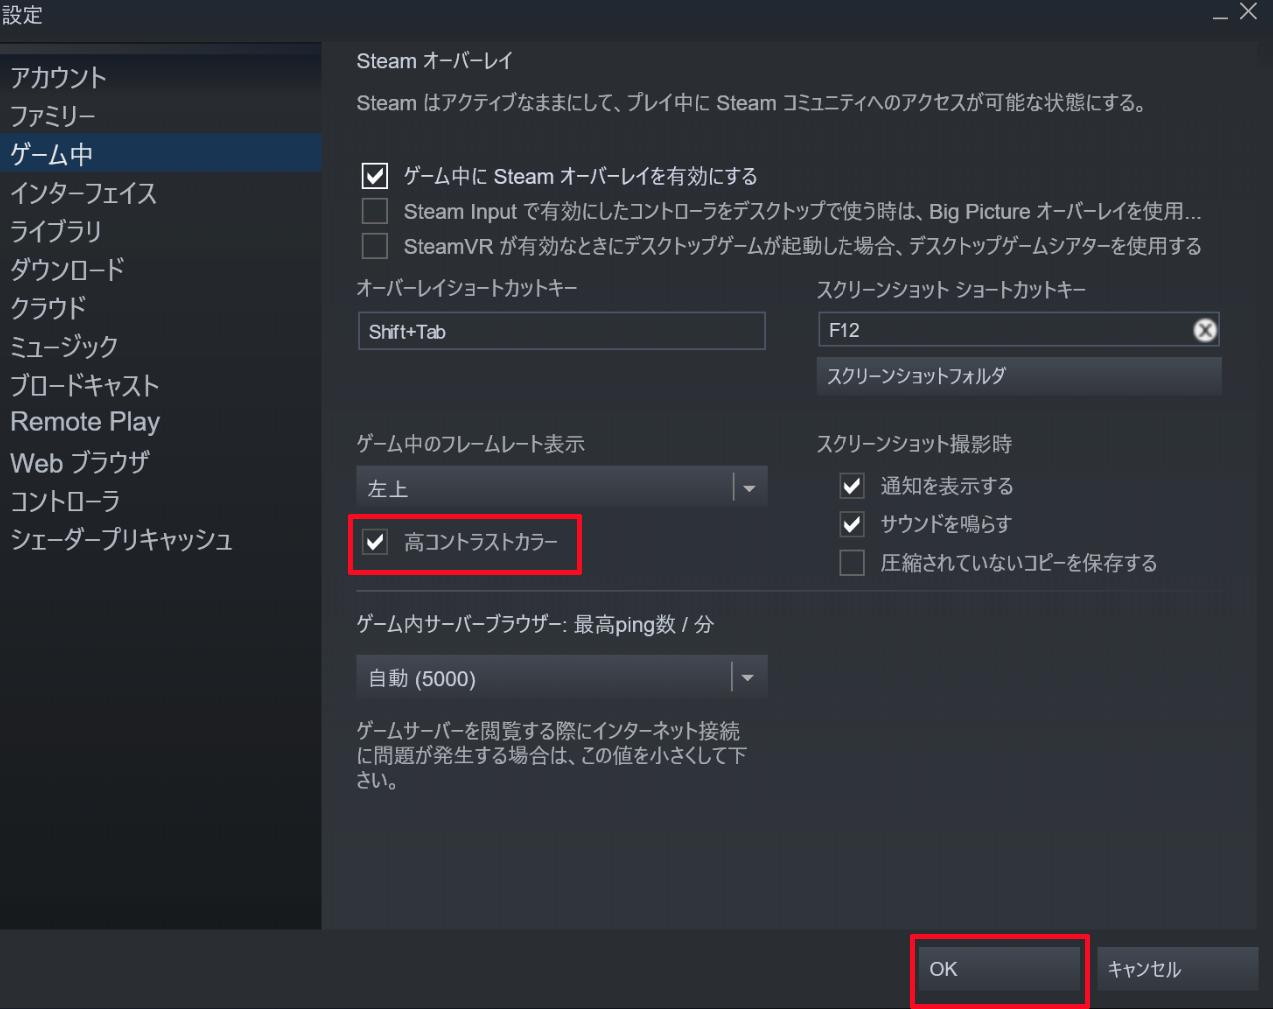 「ゲーム中のフレームレート表示」の設定内にある「高コントラストカラー」にチェックマークを入れます。